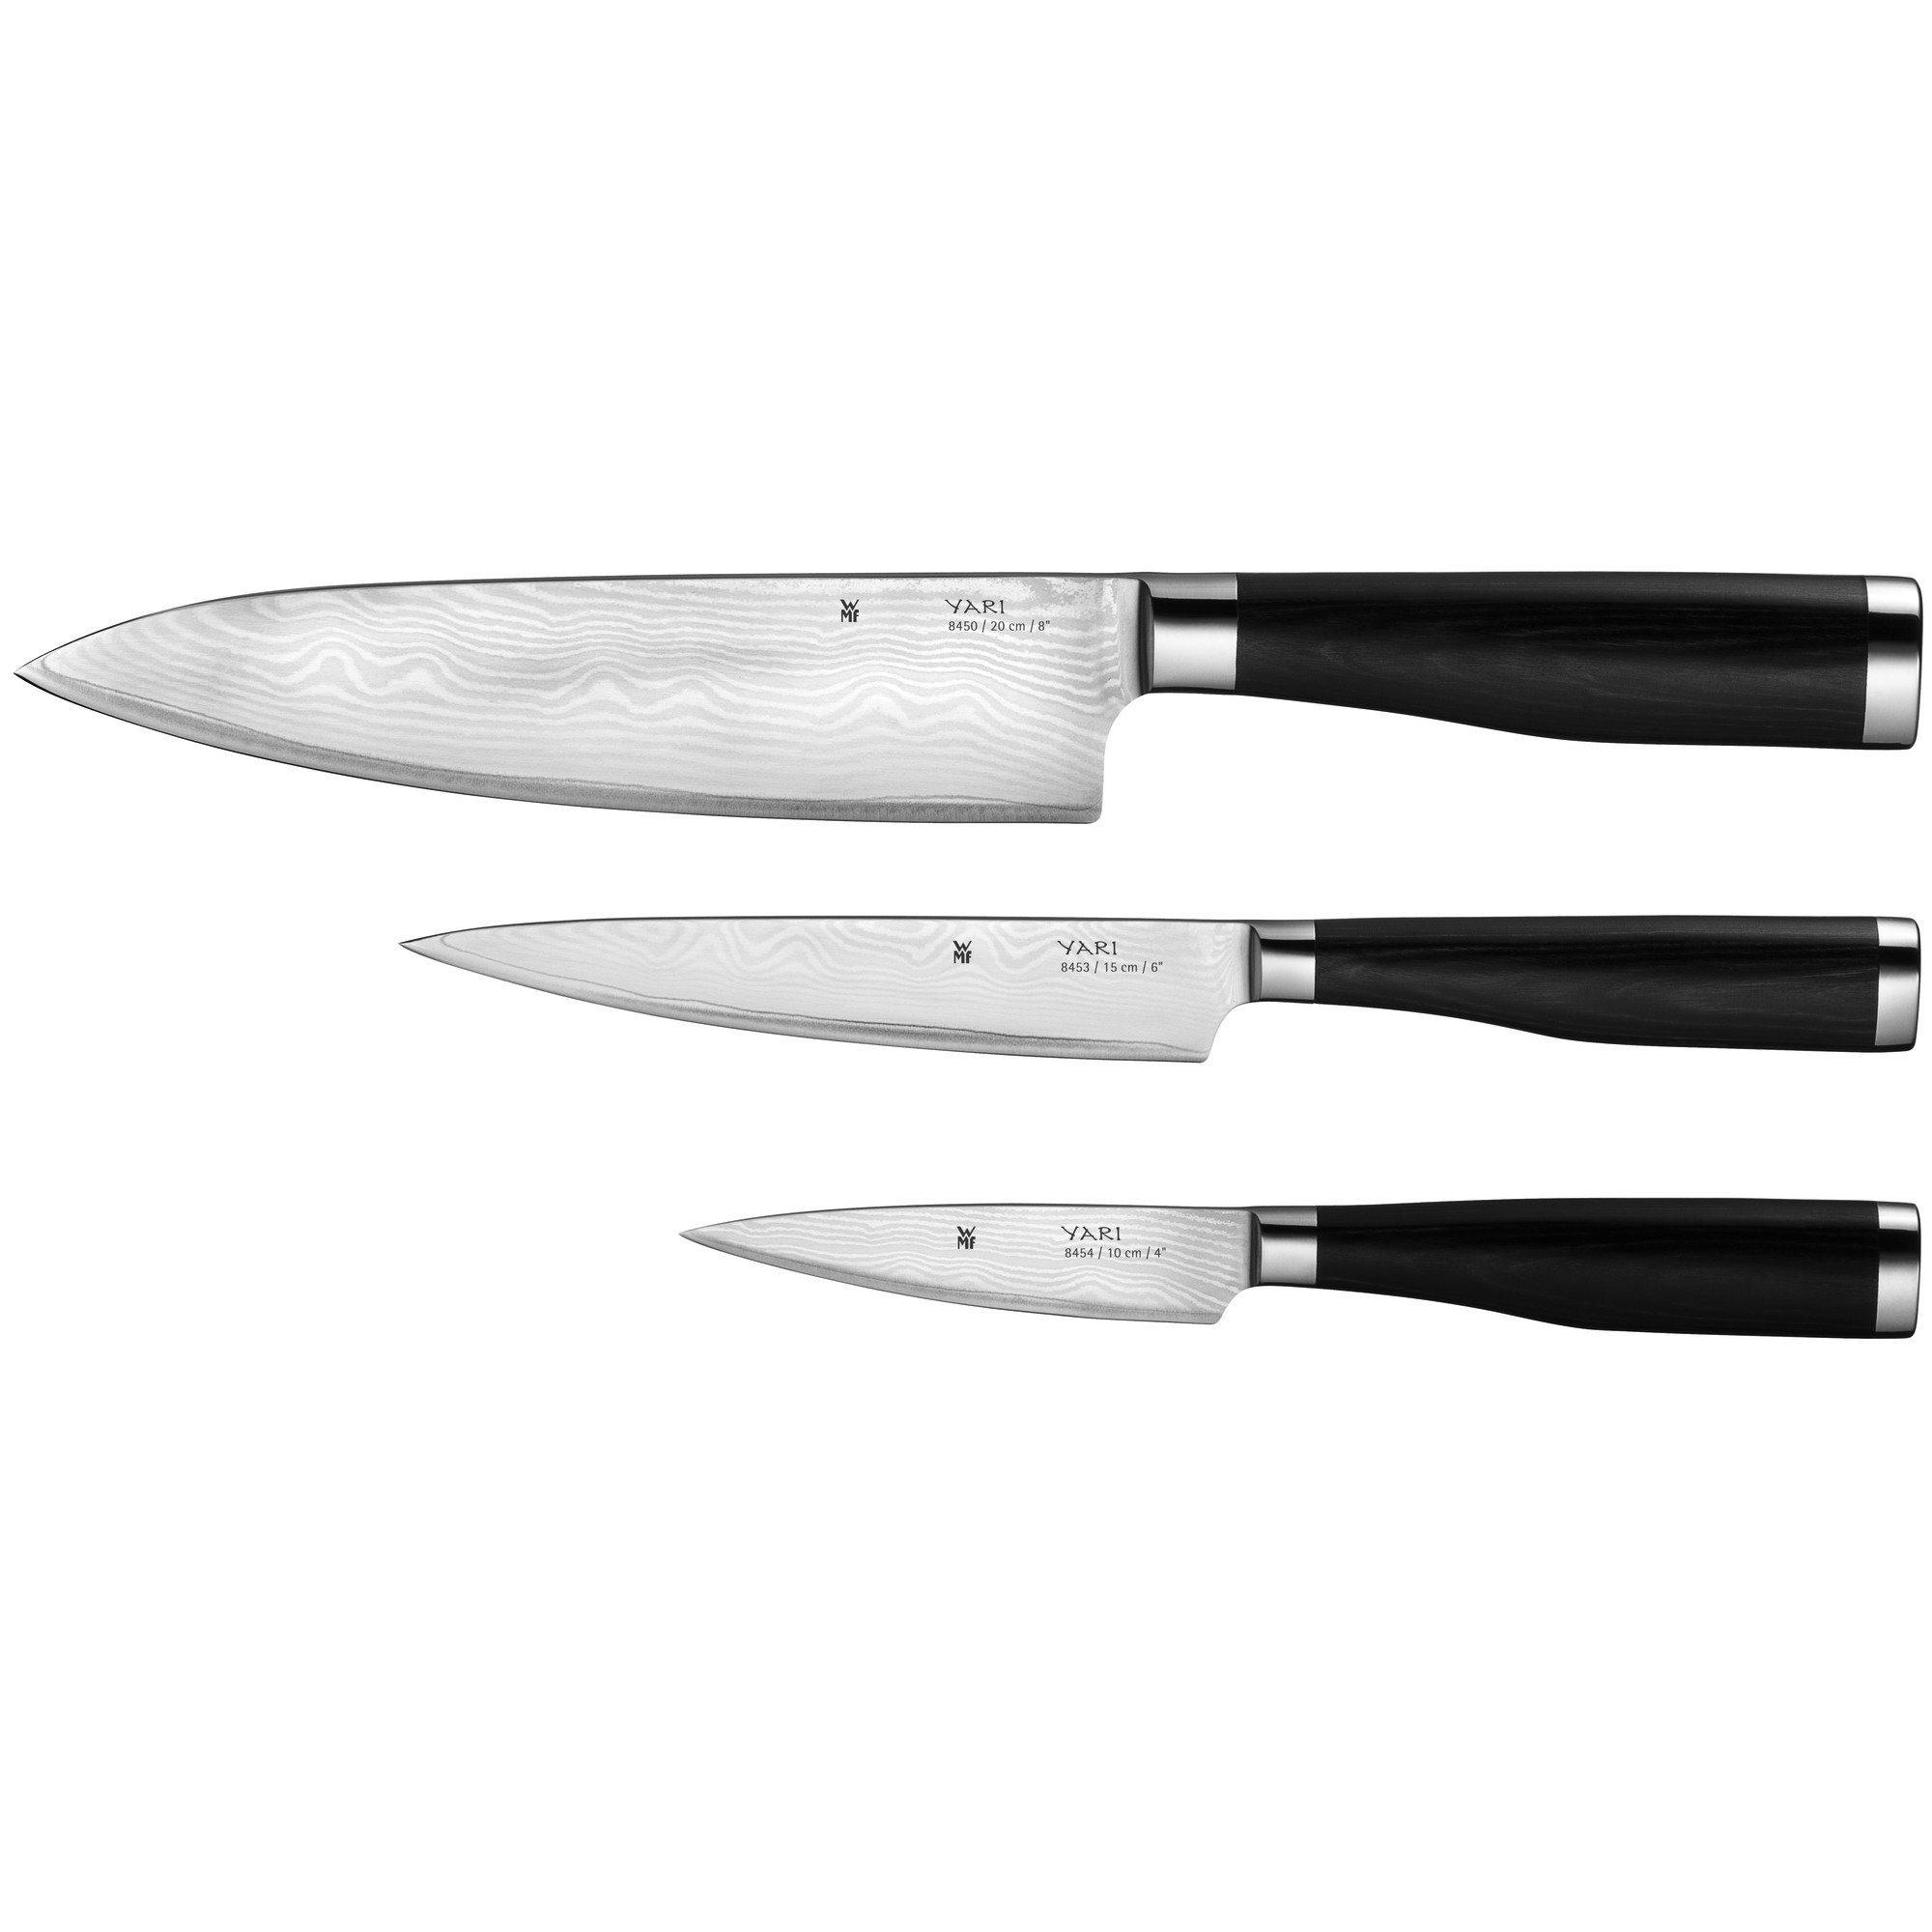 WMF Messerset »Yari«